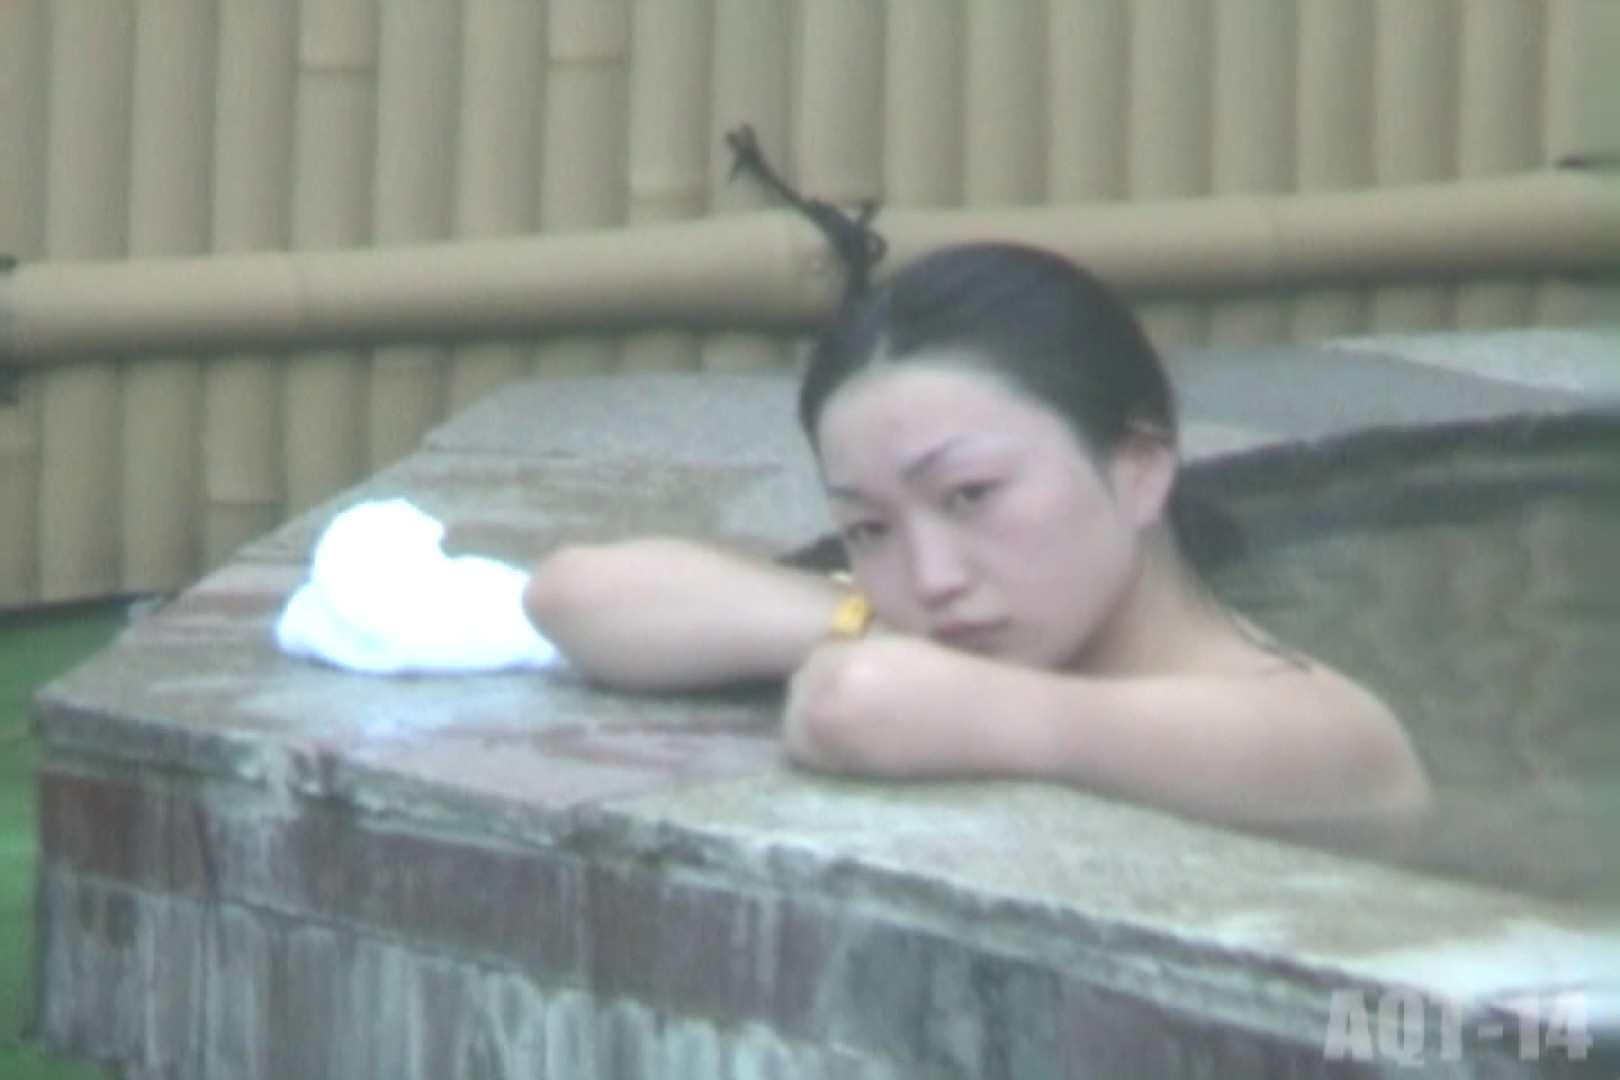 Aquaな露天風呂Vol.826 盗撮動画 | 露天風呂  11枚 9